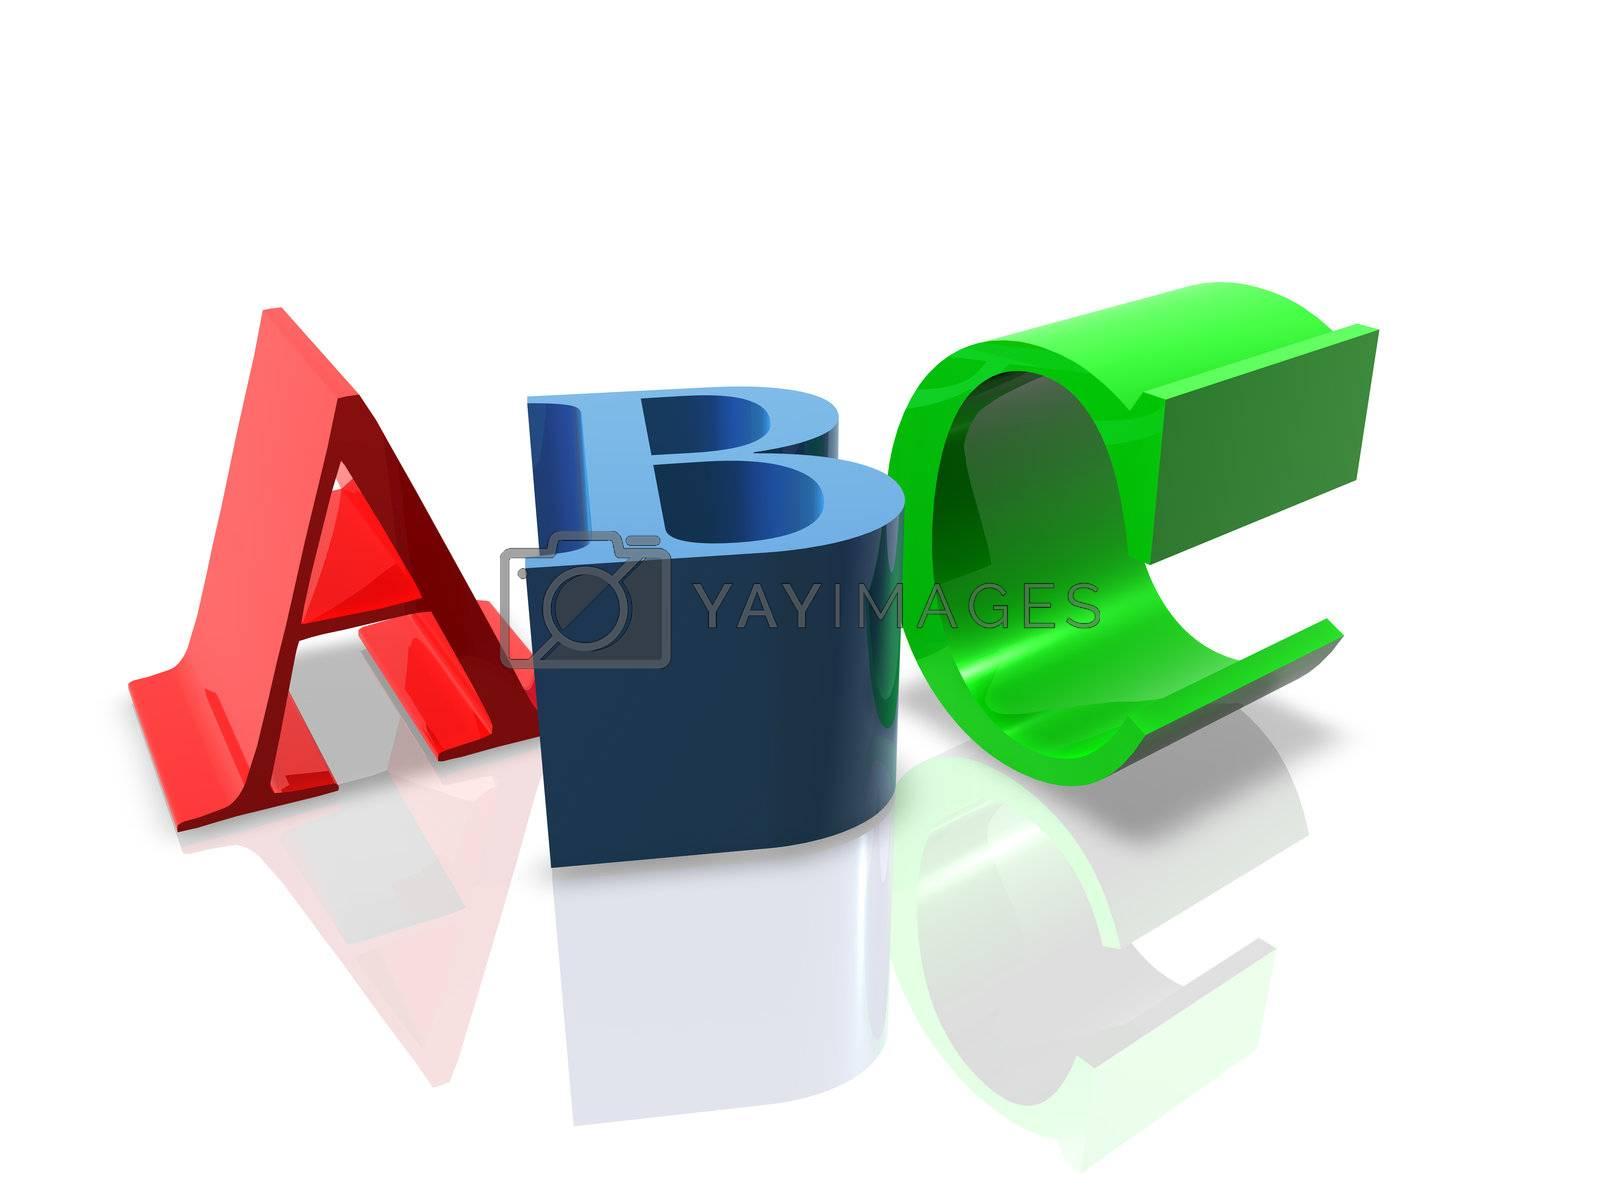 3D Render of ABC letters. Concept: Education.